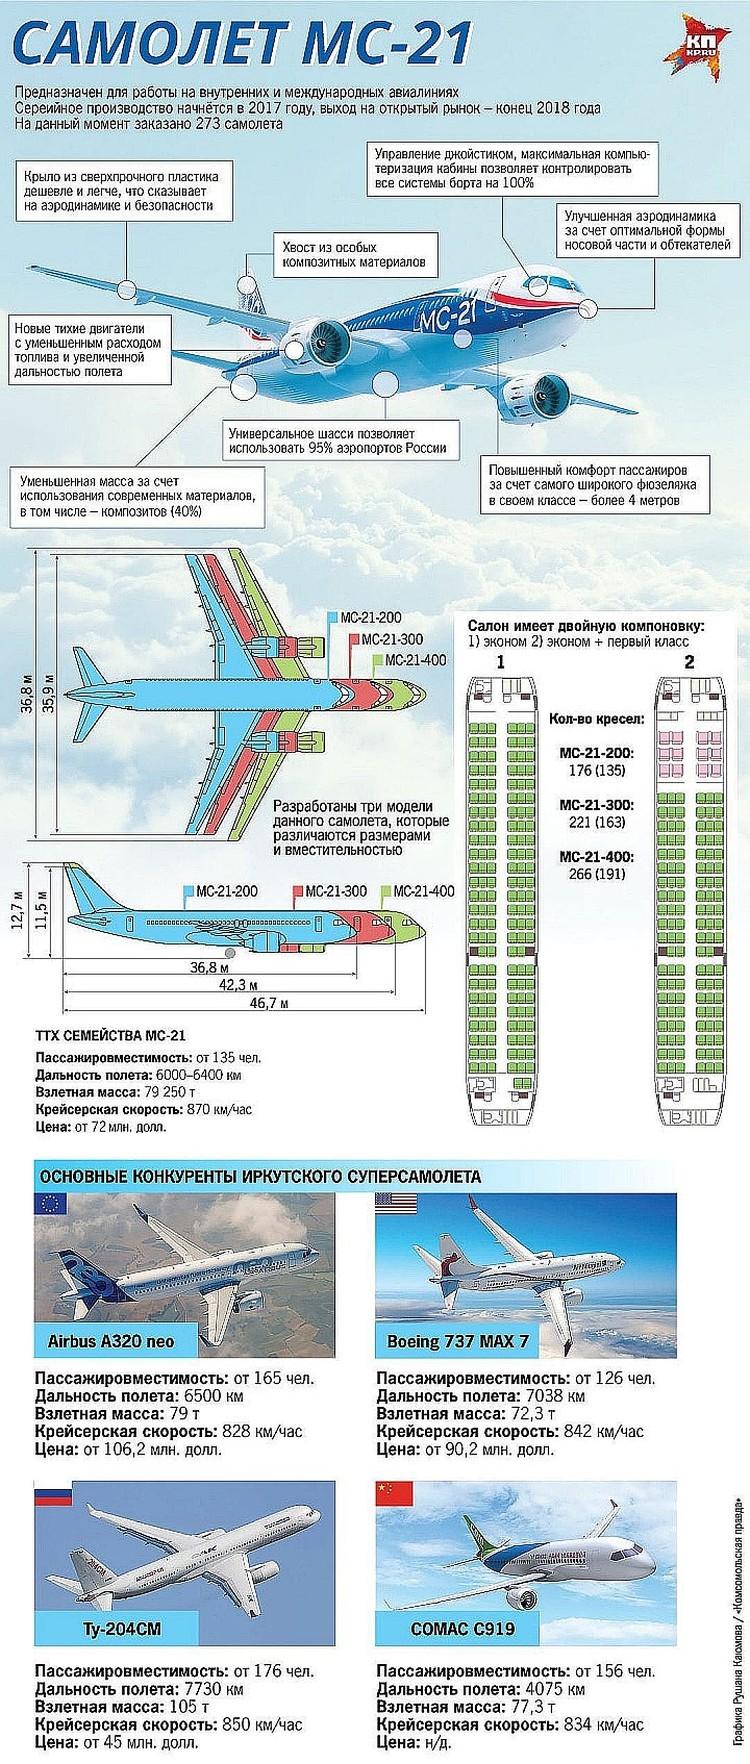 Со своим лайнером «новичком» Россия впервые замахивается на прямую конкуренцию с мировыми «монстрами» авиастроения - концернами – Airbus (Евросоюз) и Boeing (США).